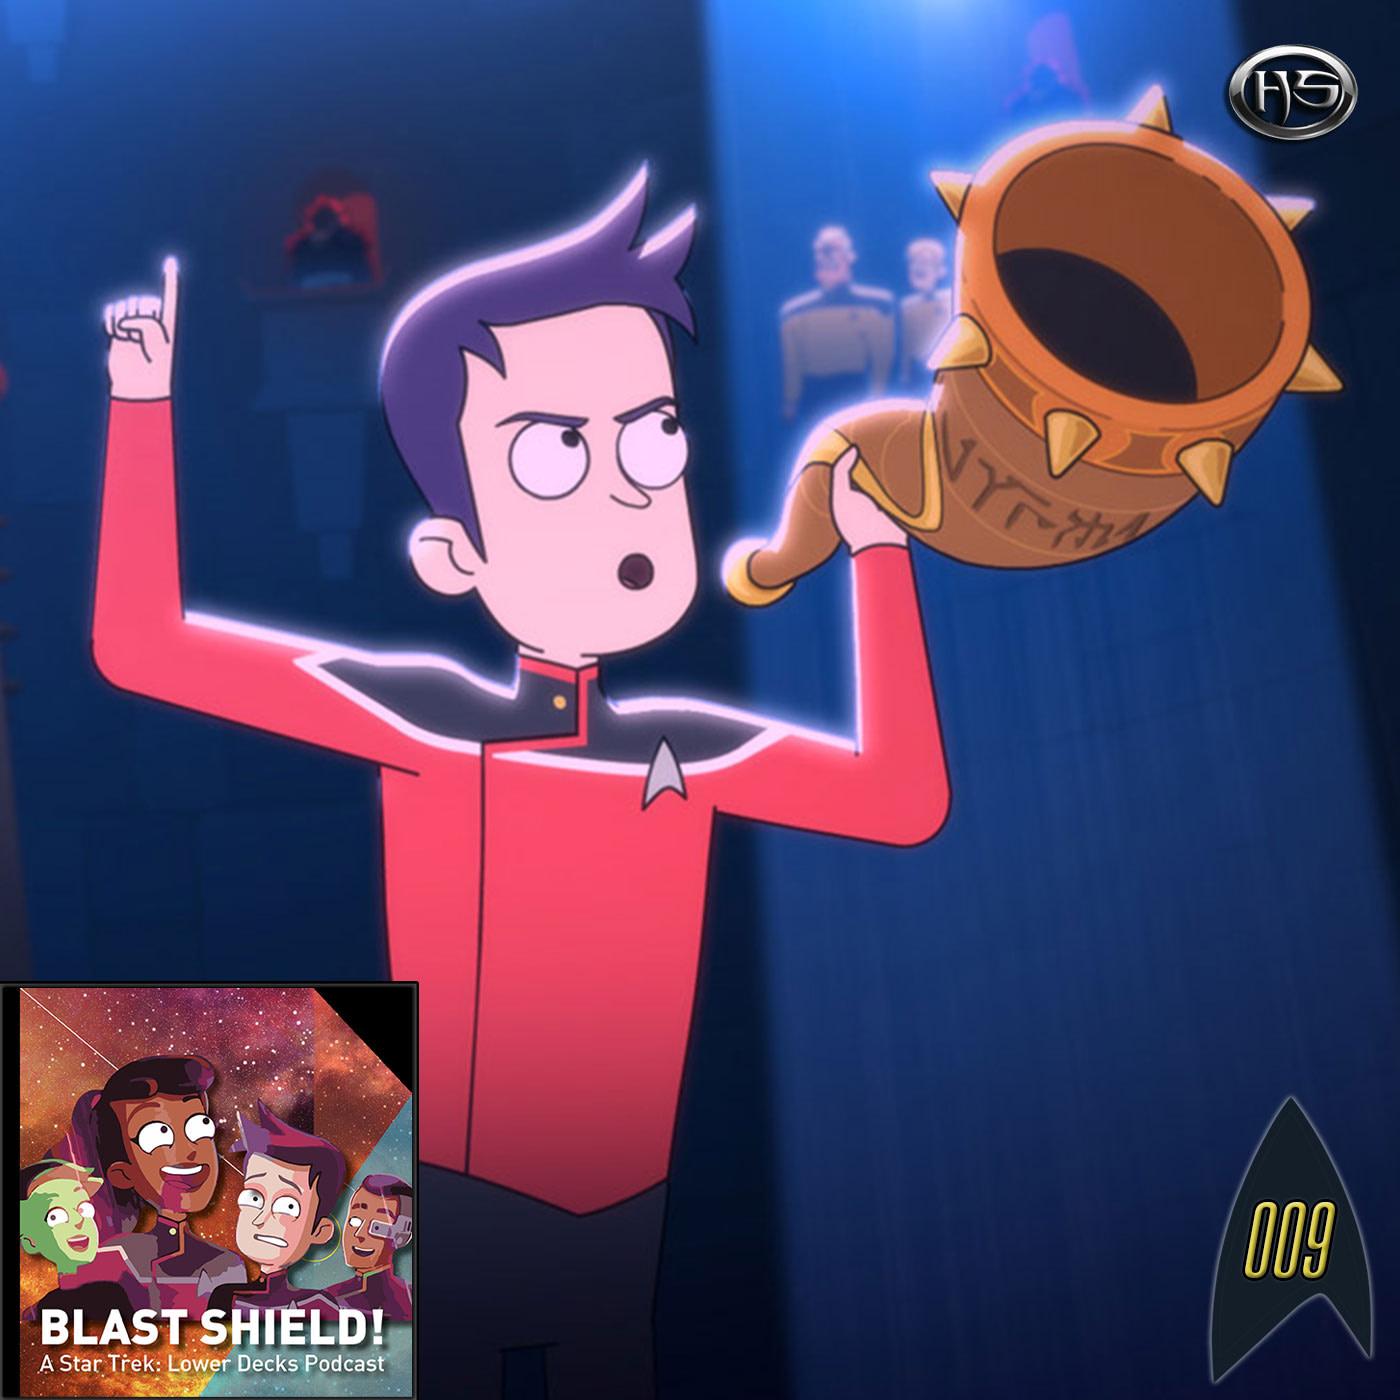 Blast Shield! Episode 9